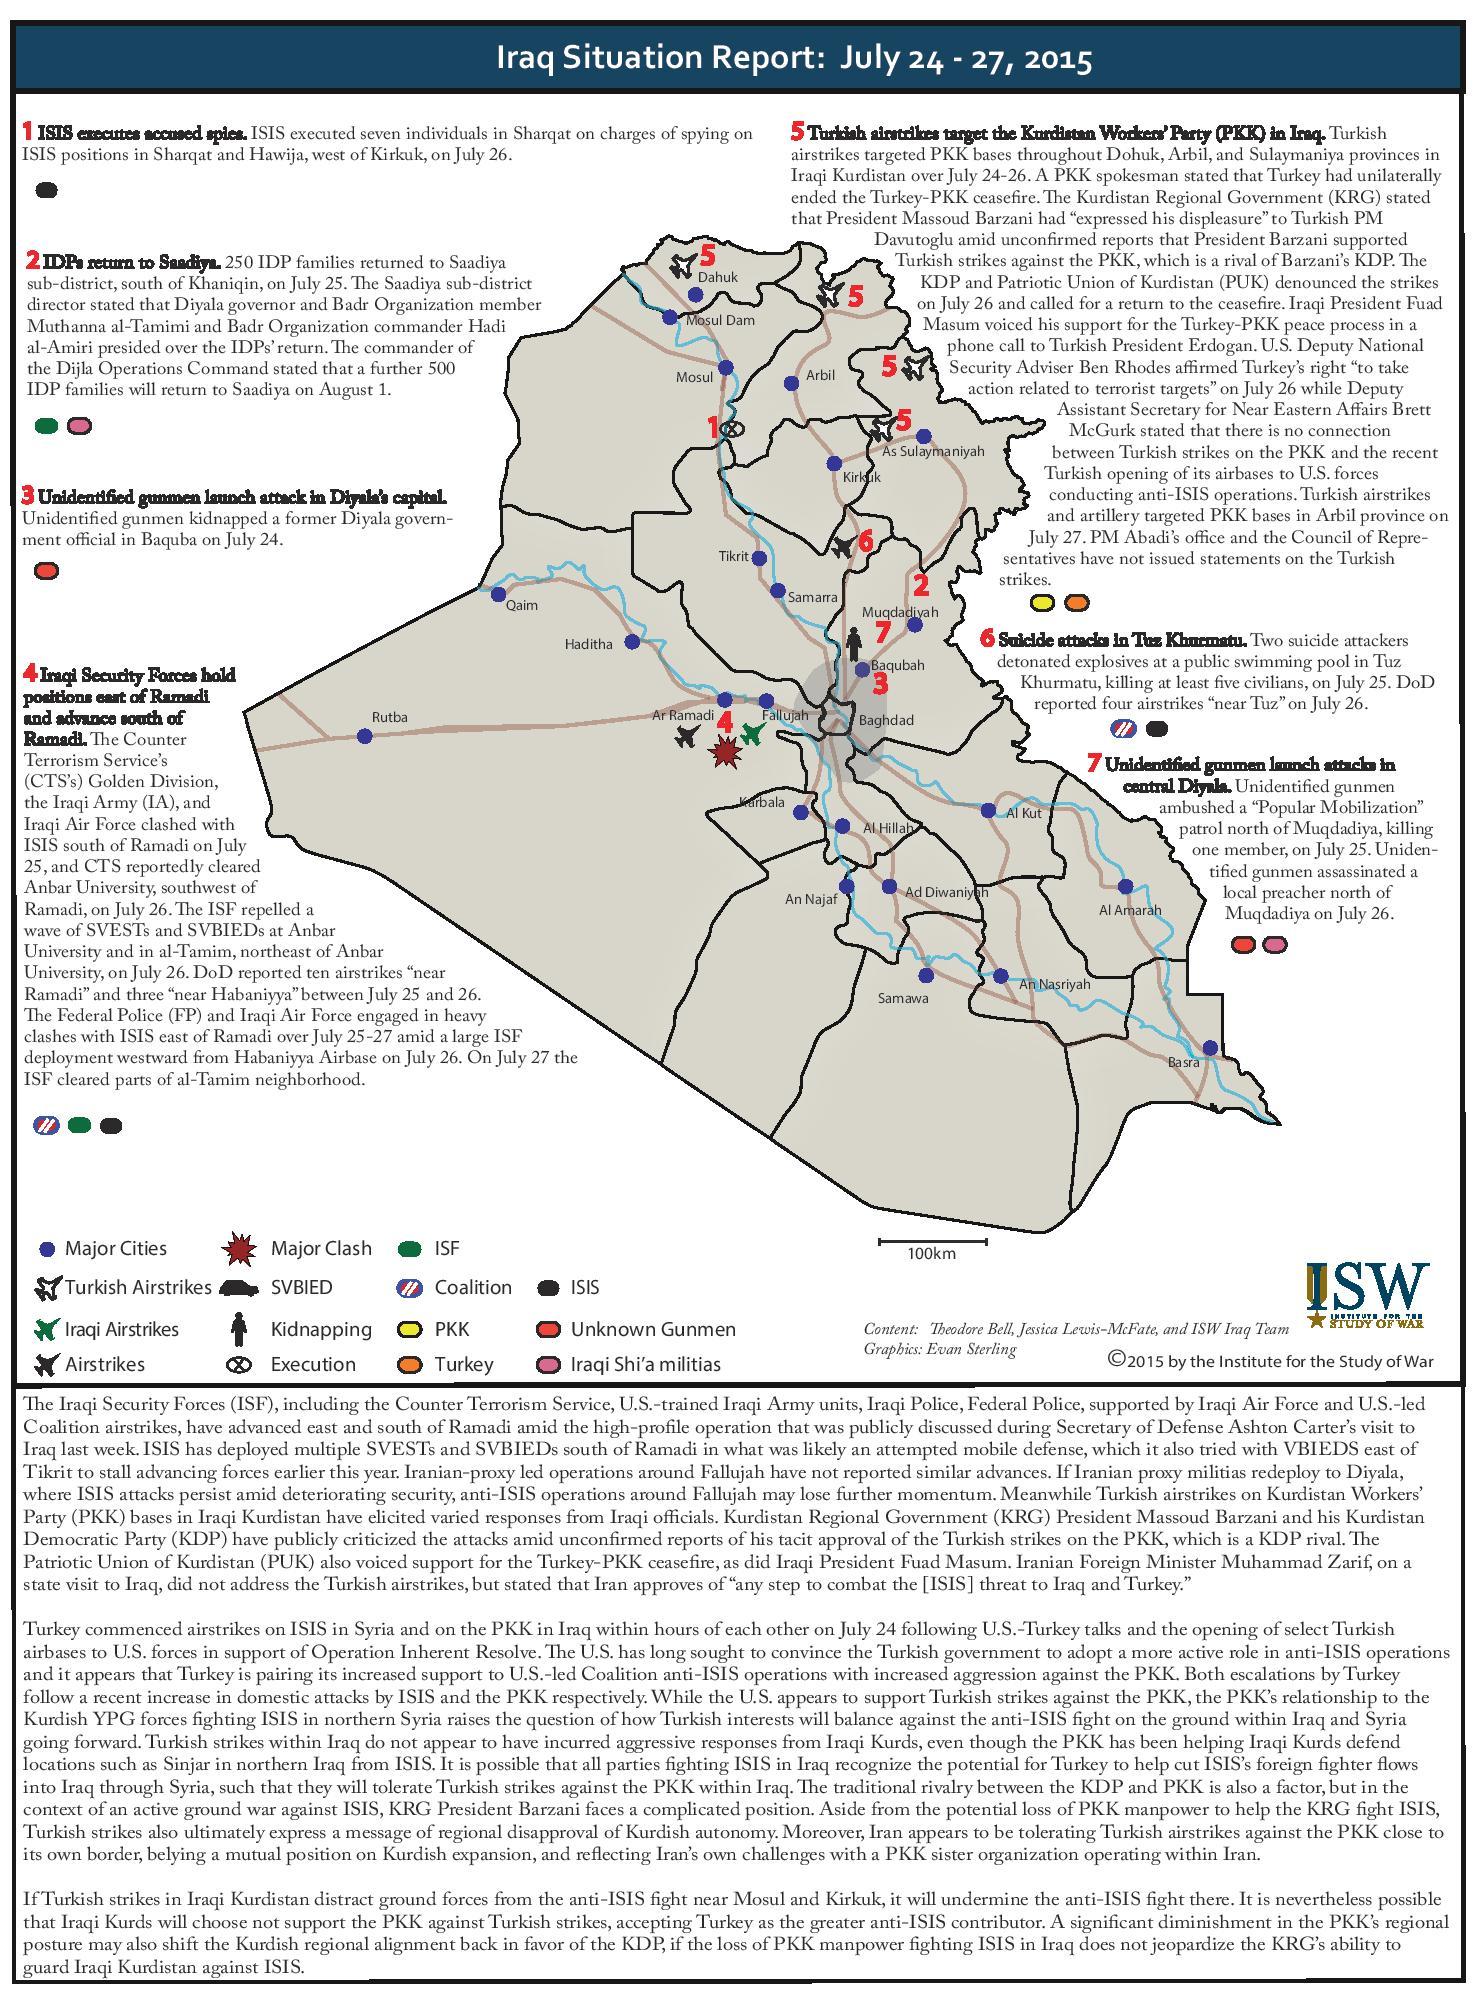 تقرير يكشف الوضع في العراق خلال الفترة 24-27 تموز/2015